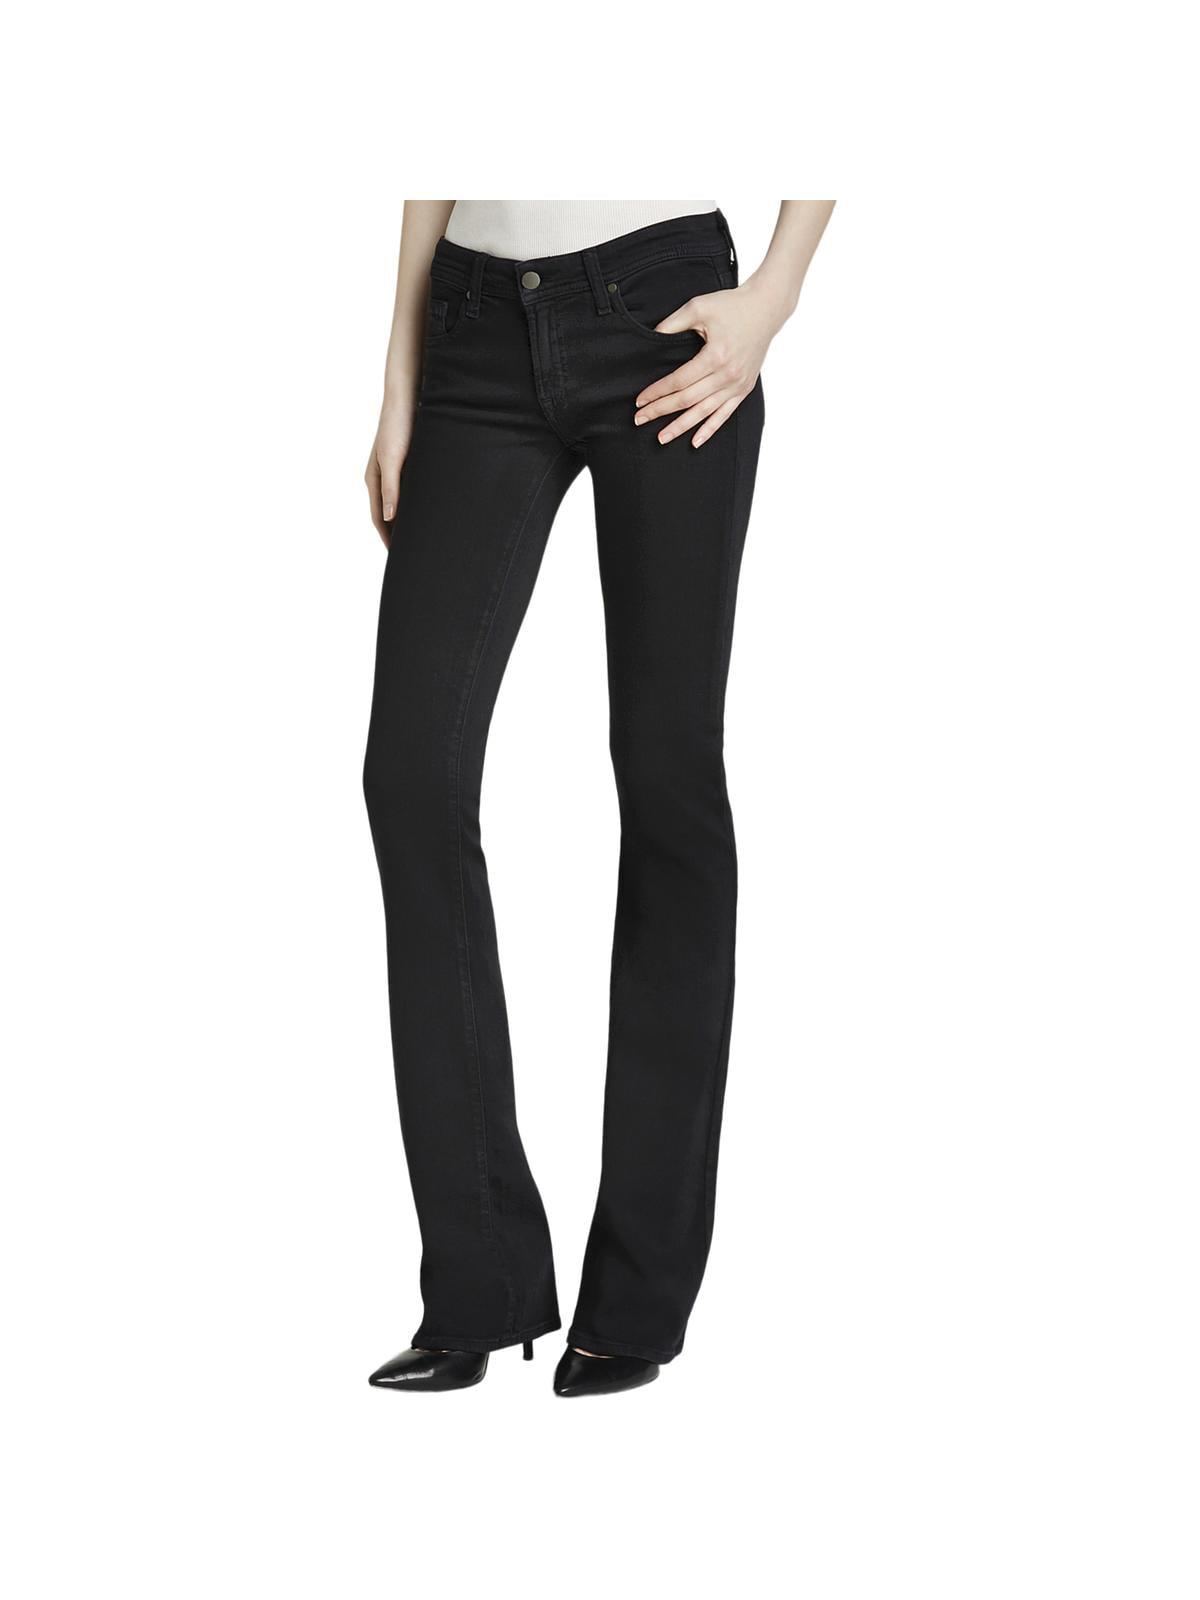 Genetic Los Angeles Womens Kate Jeans in Pale Grey 23